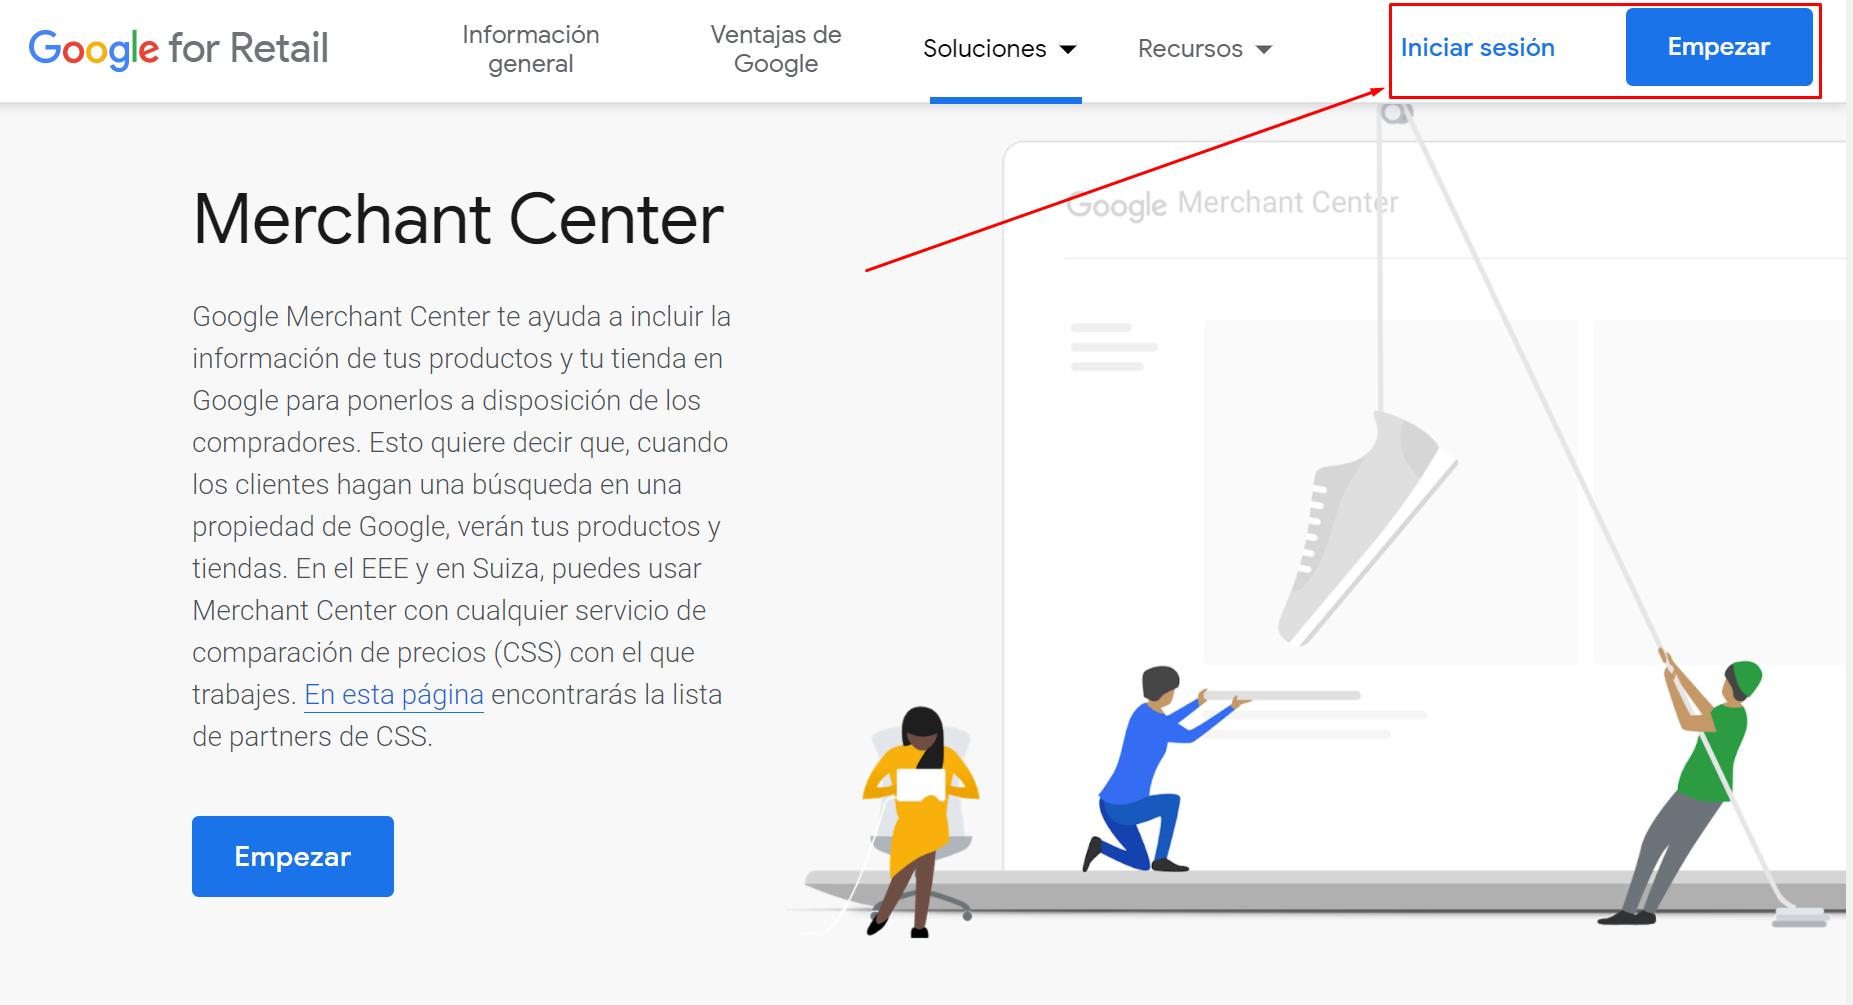 Iniciar sesion en Google Merchant Center